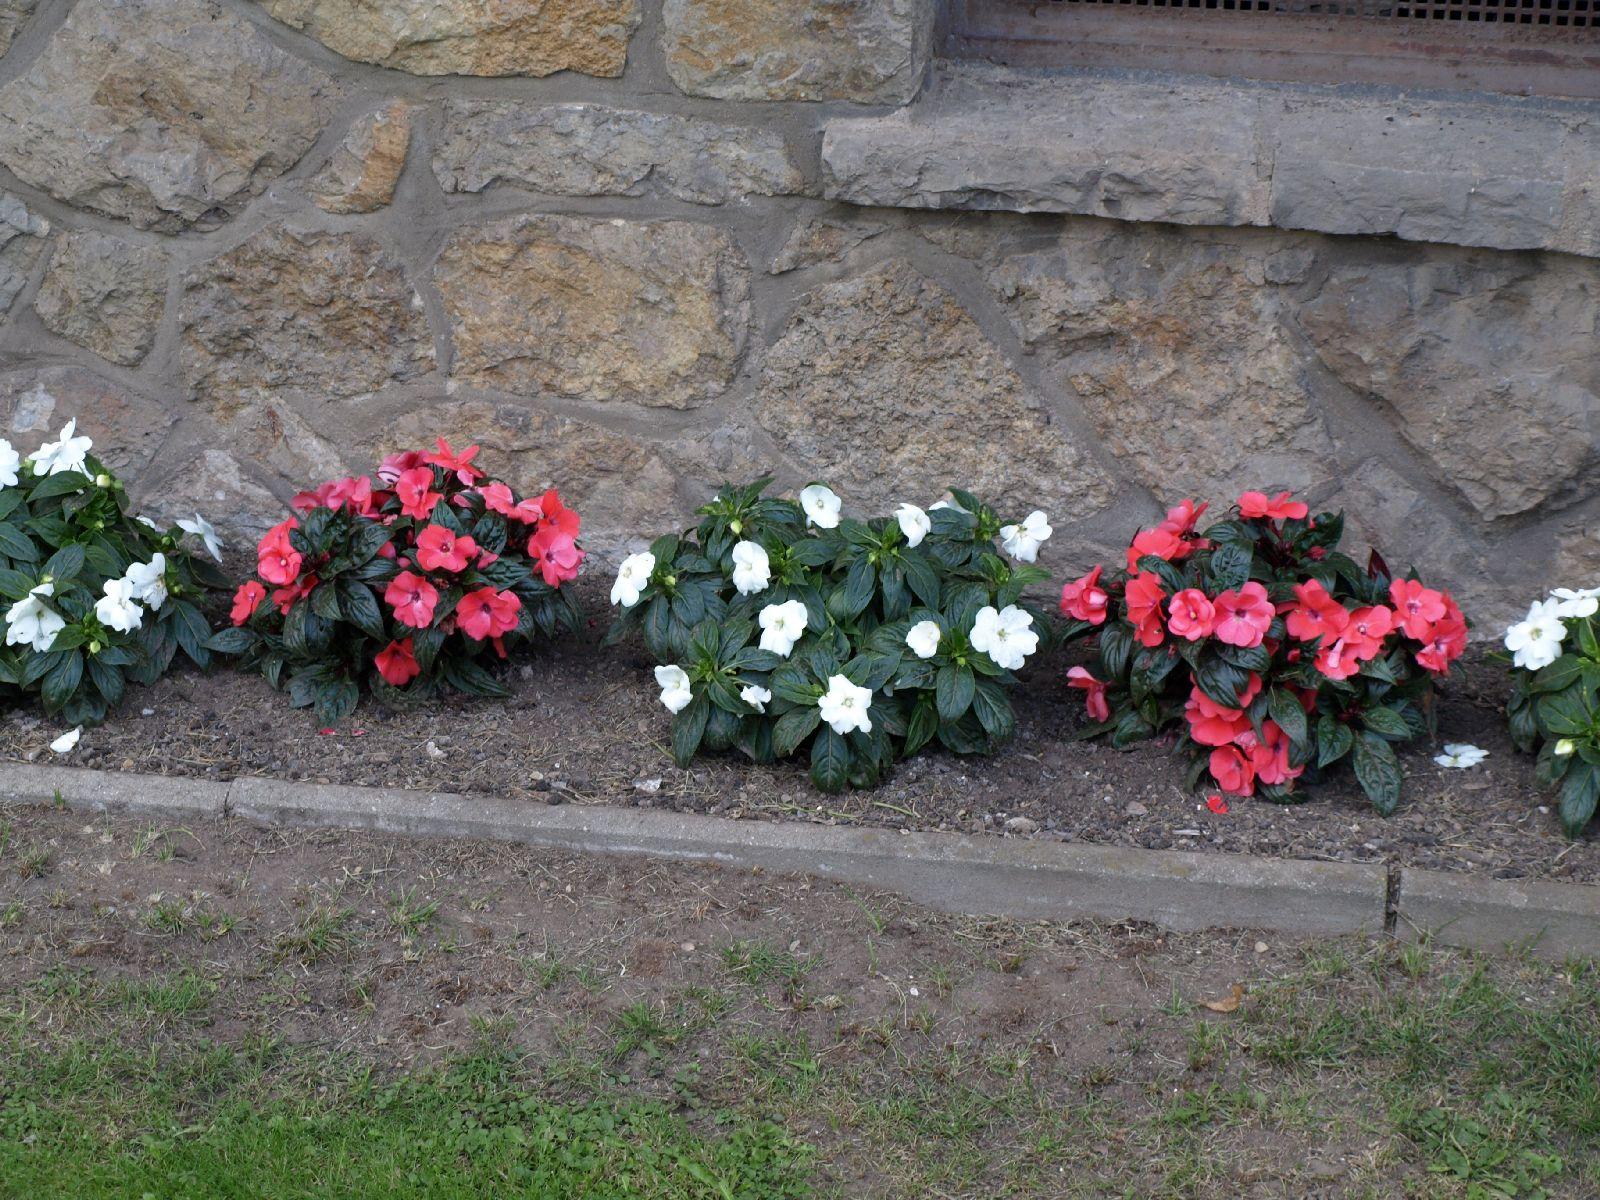 Pflanzen-Blumen-Foto_Textur_B_P9195120